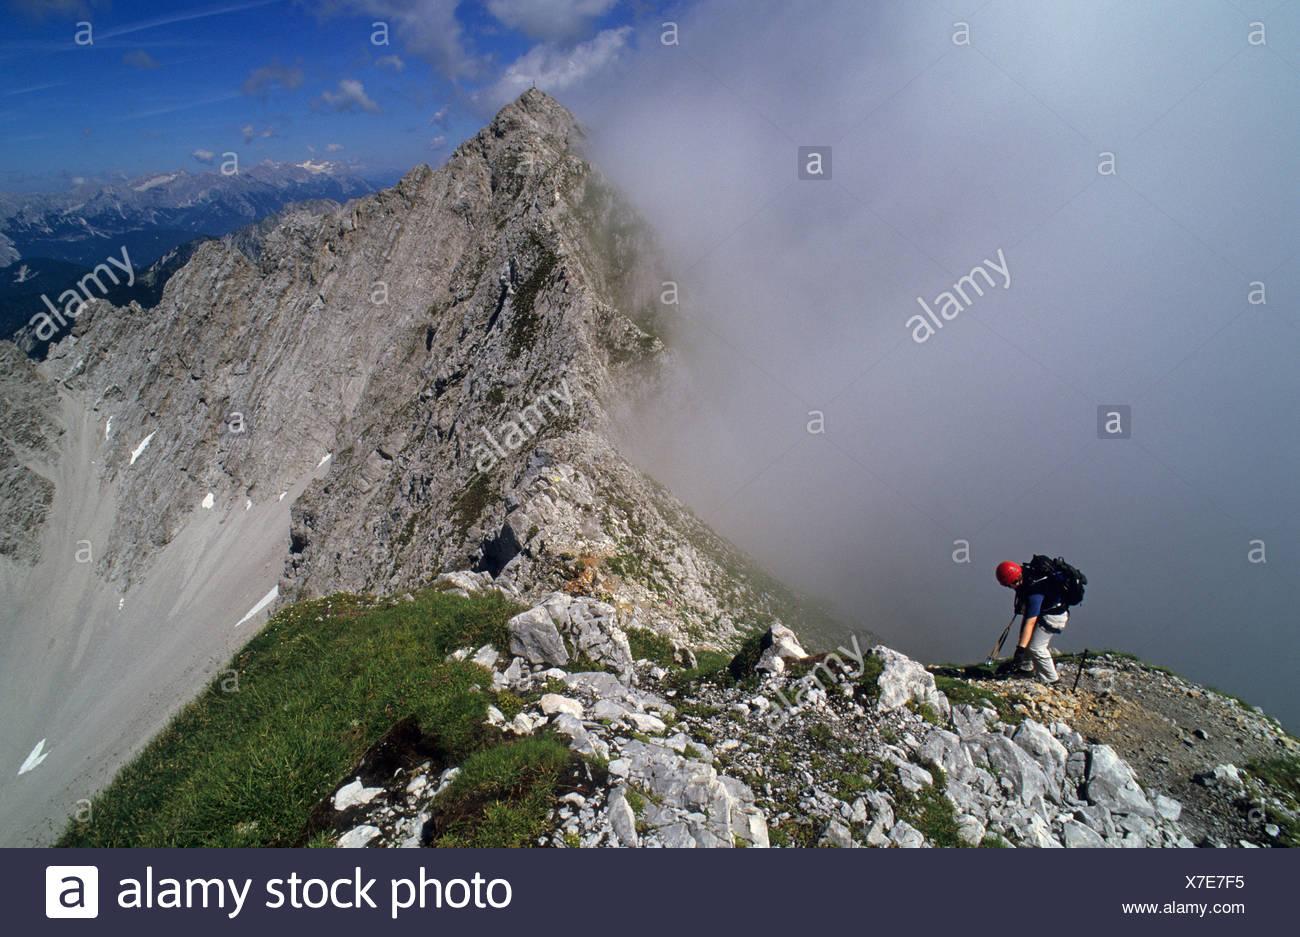 Klettersteig Innsbruck : Frau auf dem klettersteig innsbruck Österreich stockfoto bild